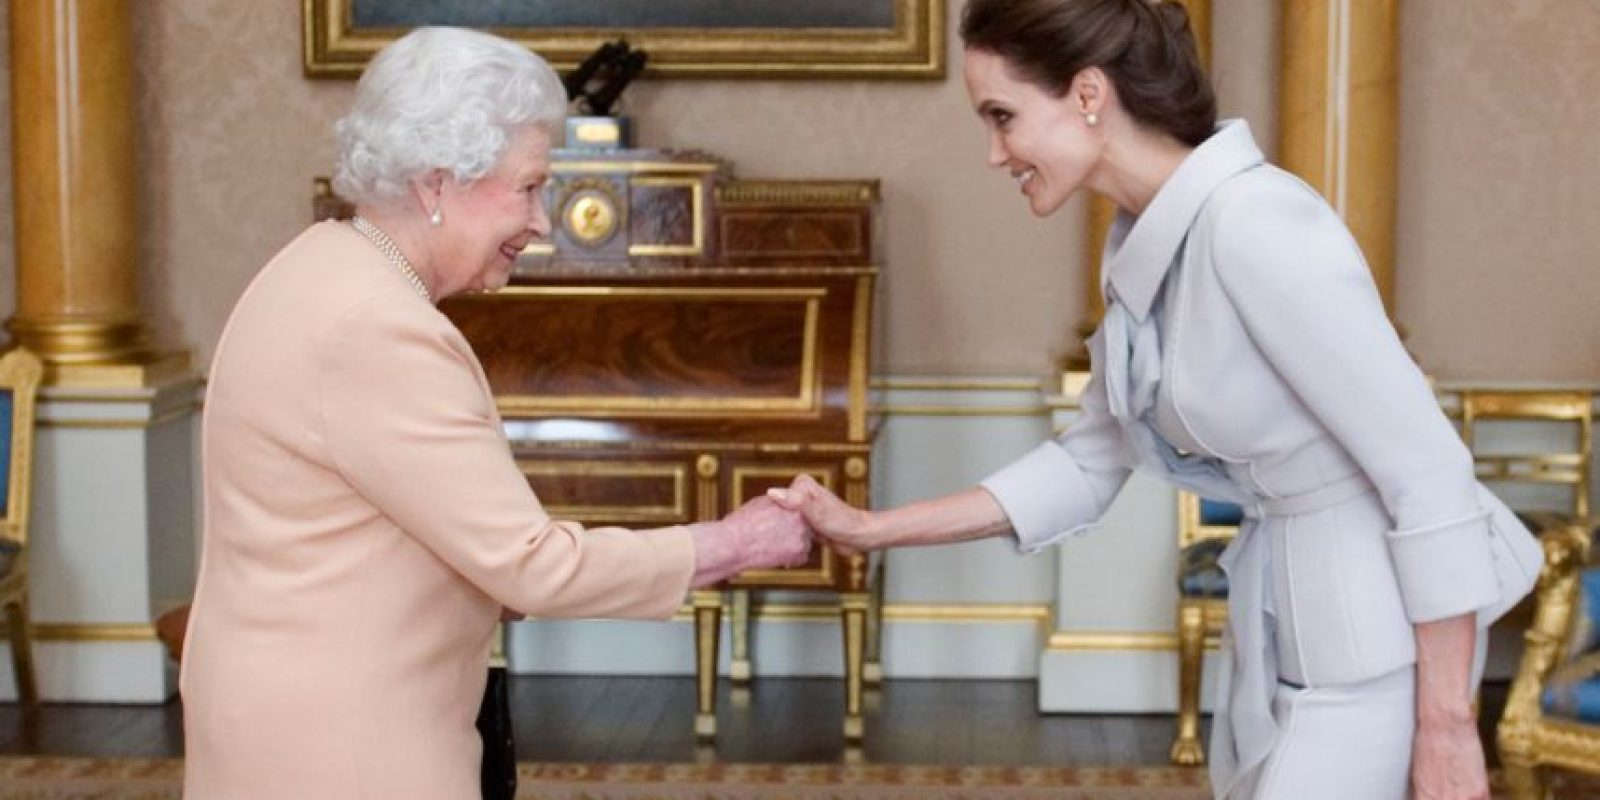 """Recibió el título de """"Dama de honor"""" de parte de la Reina Isabel II, esto como un reconocimiento a su labor por tratar de poner fin a la violencia sexual en las zonas de guerra y por sus servicios a la política exterior de Reino Unido. Foto: Getty Images"""